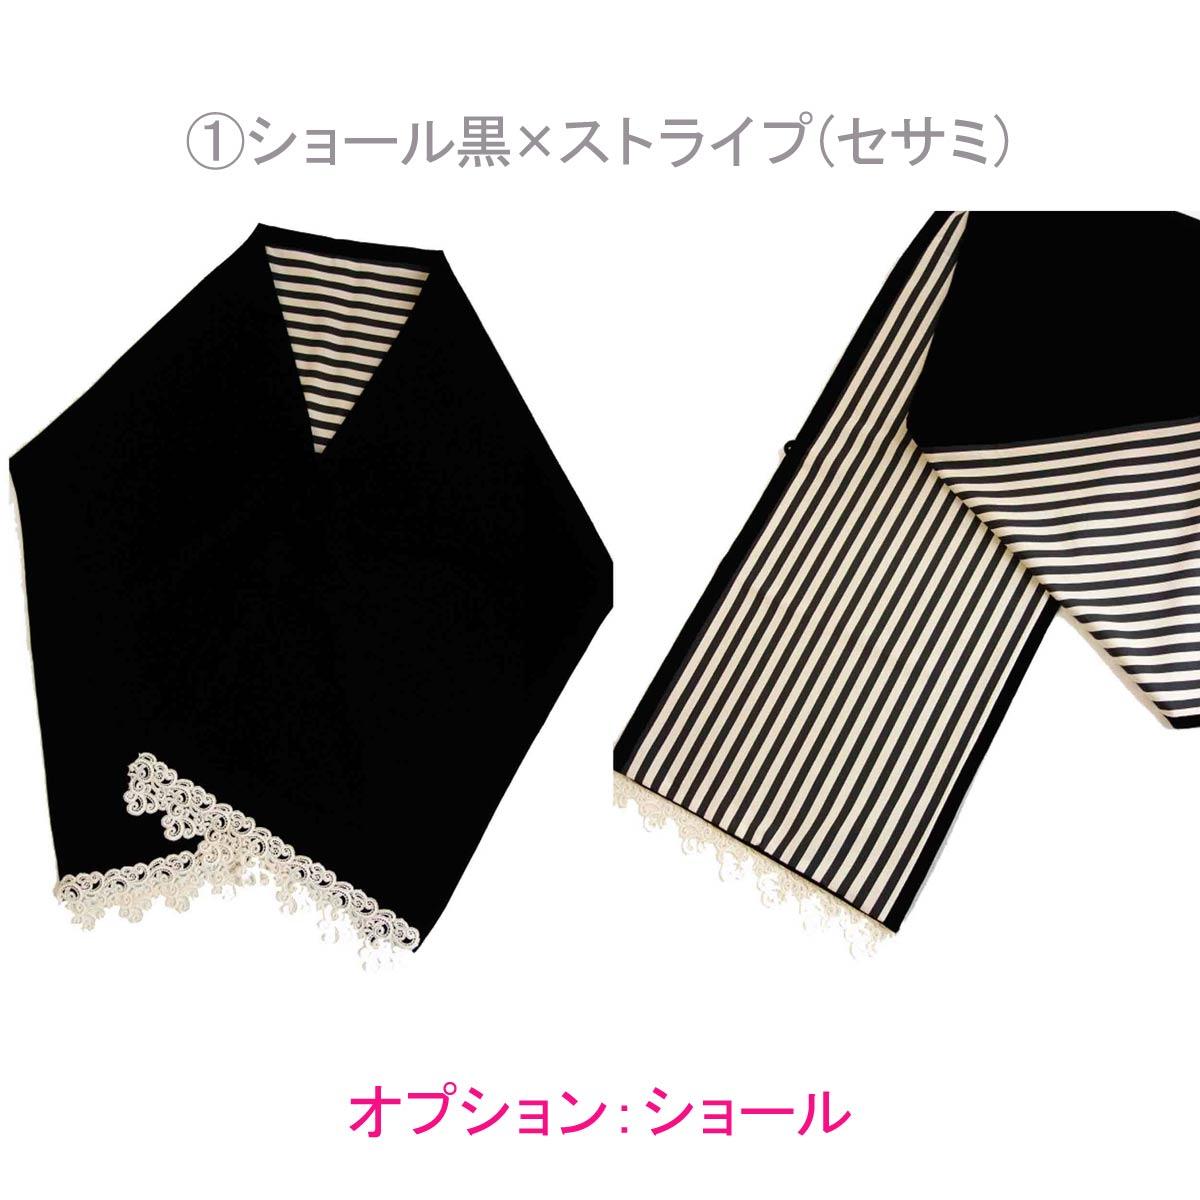 【レンタル】袴 ハーフムーン